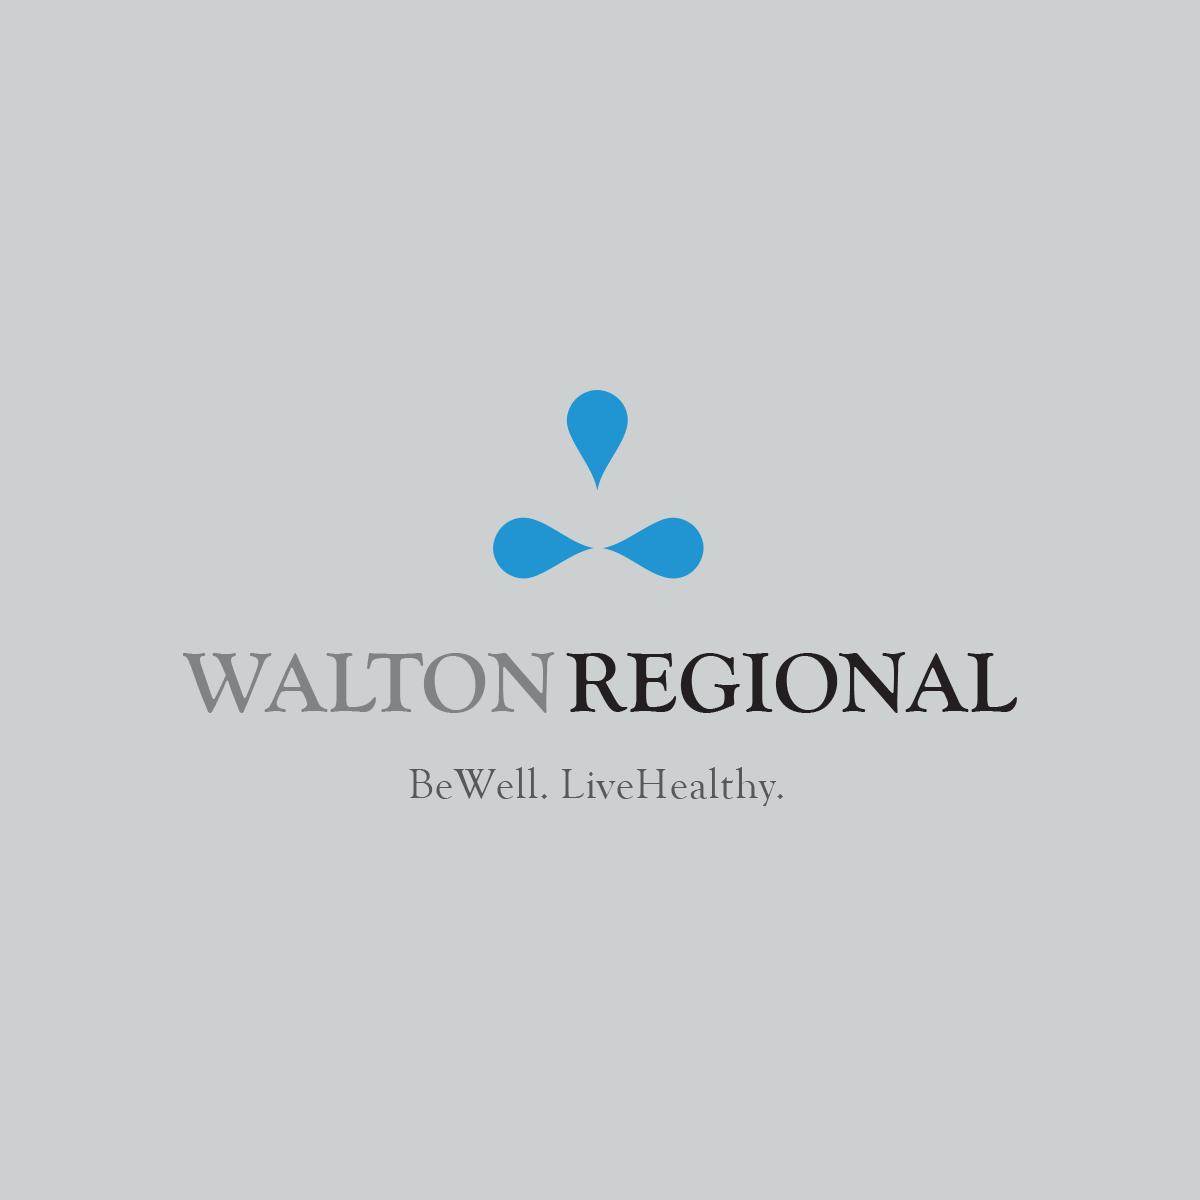 walton.png